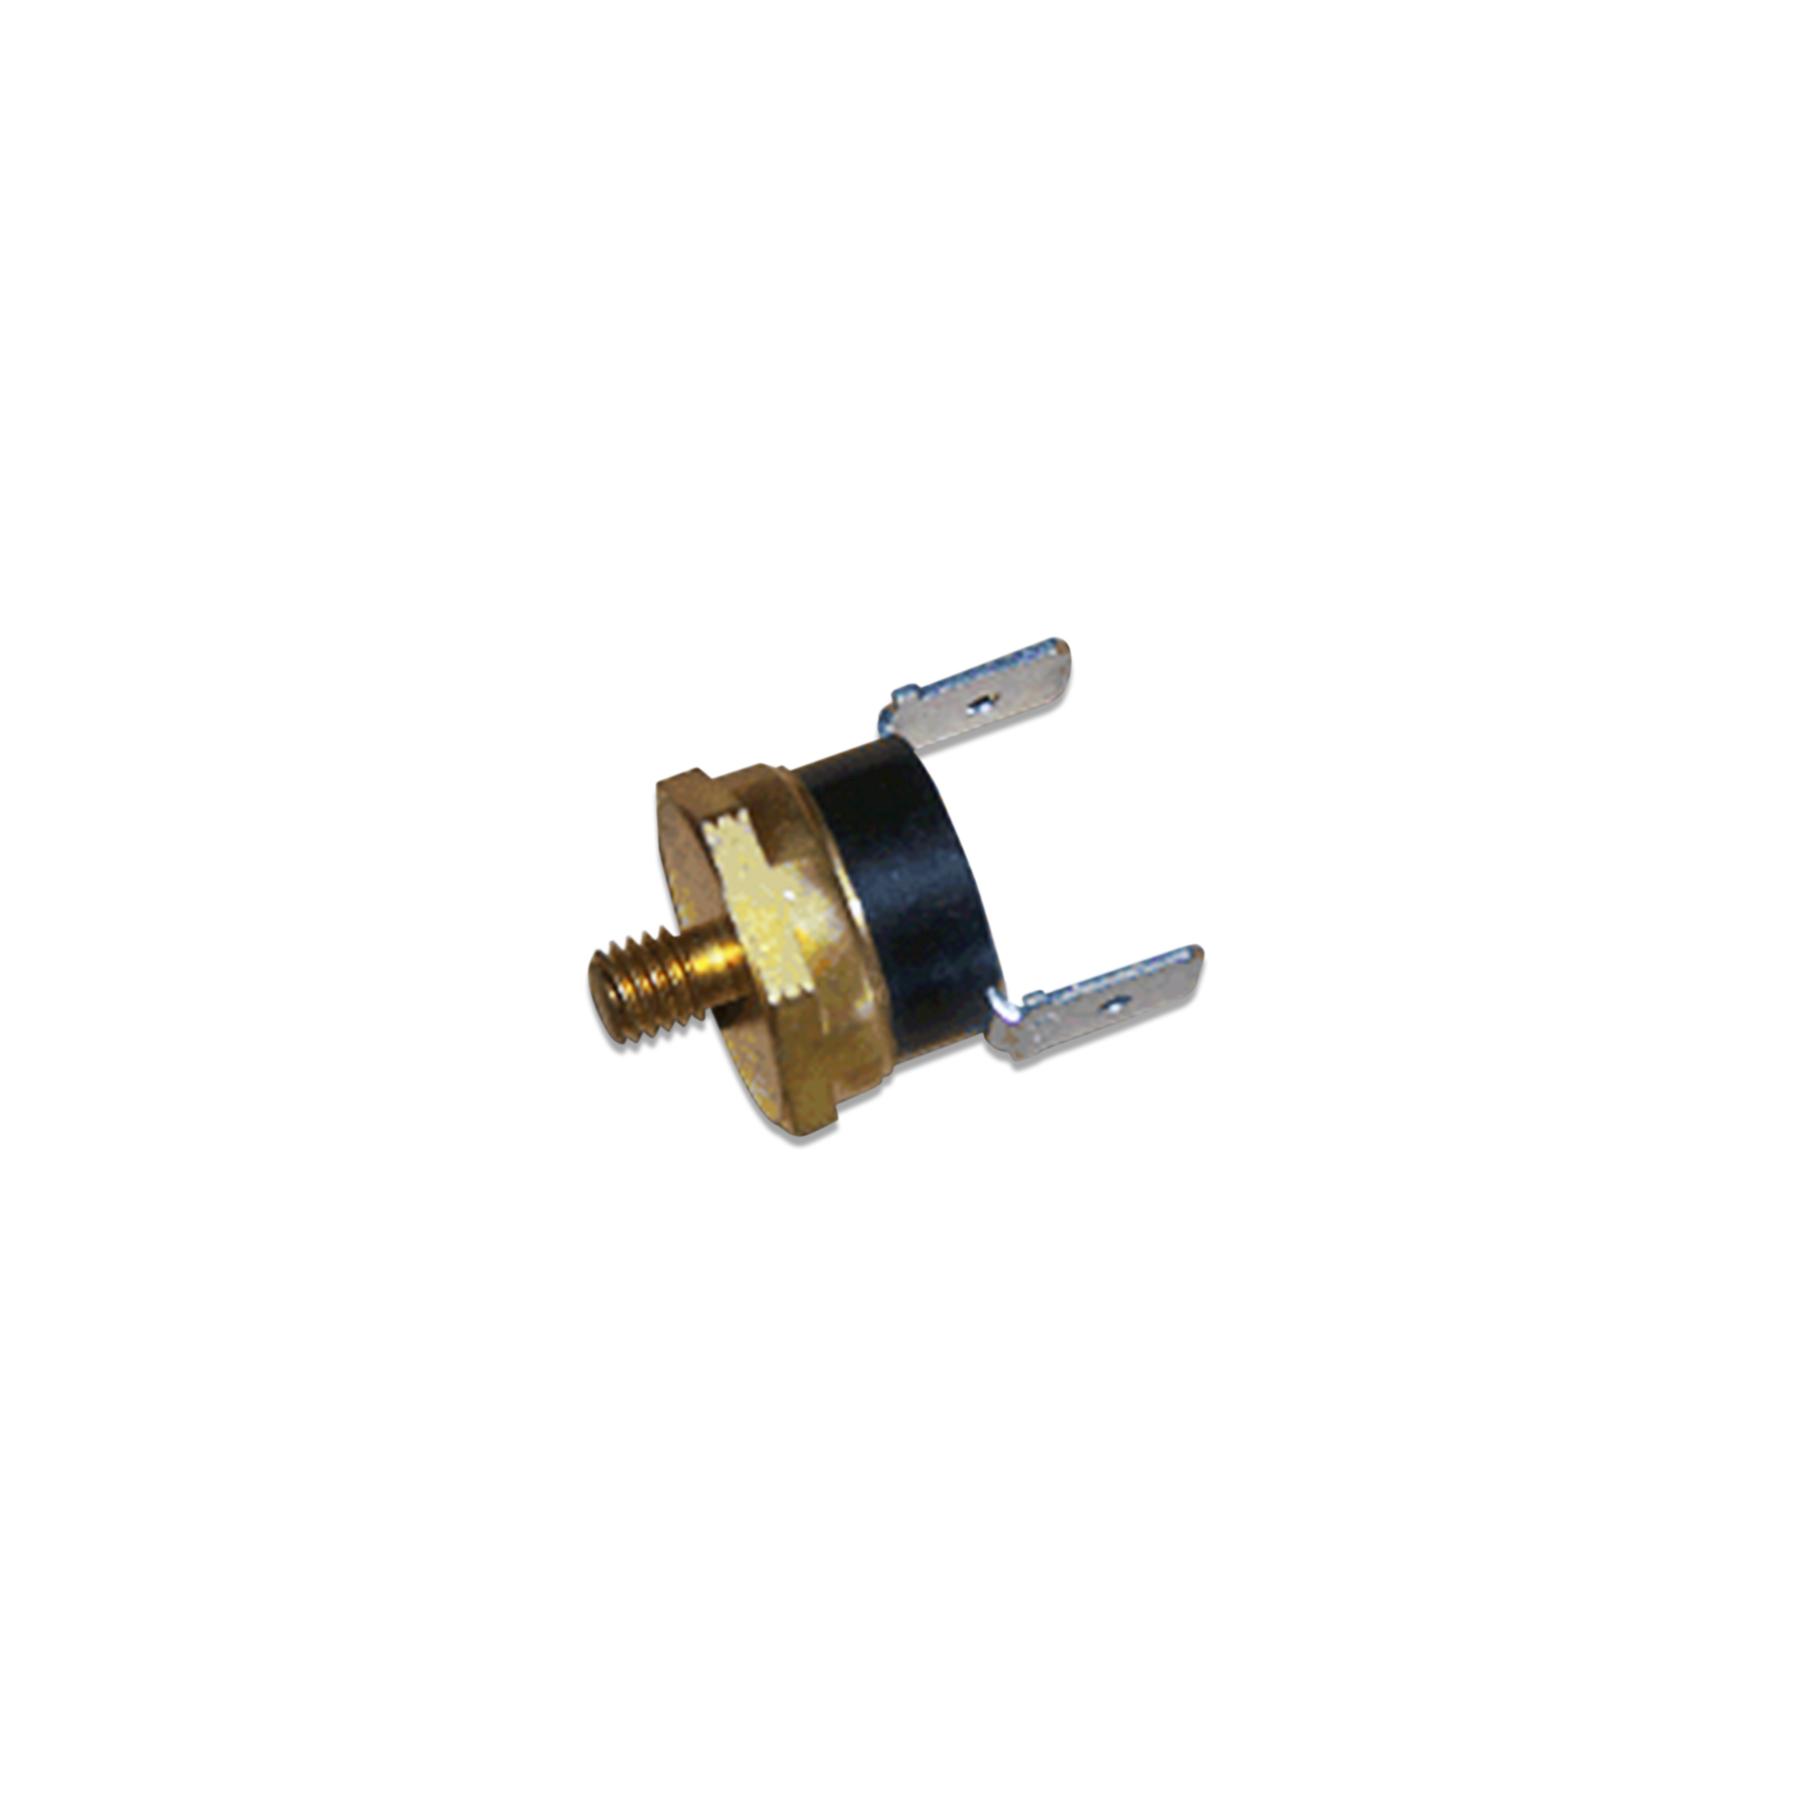 185 Degree F VAC Control Thermostat w/Spades